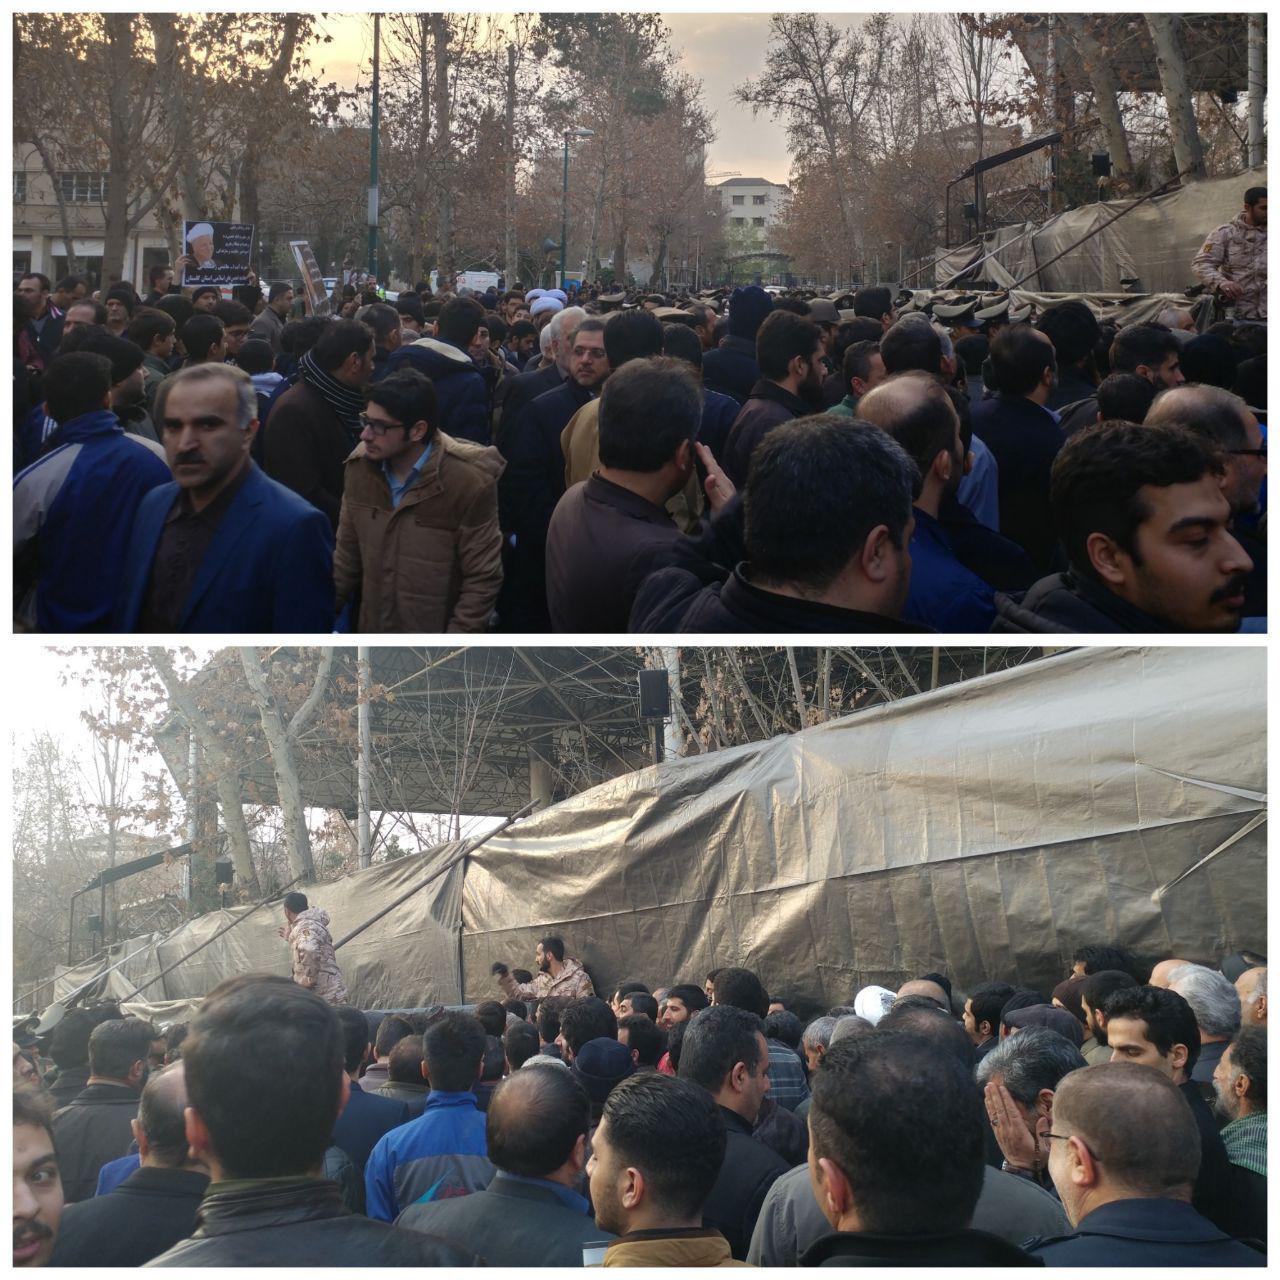 آغاز مراسم تشییع پیکر هاشمی رفسنجانی/ انتقال پیکر از جماران به دانشگاه تهران